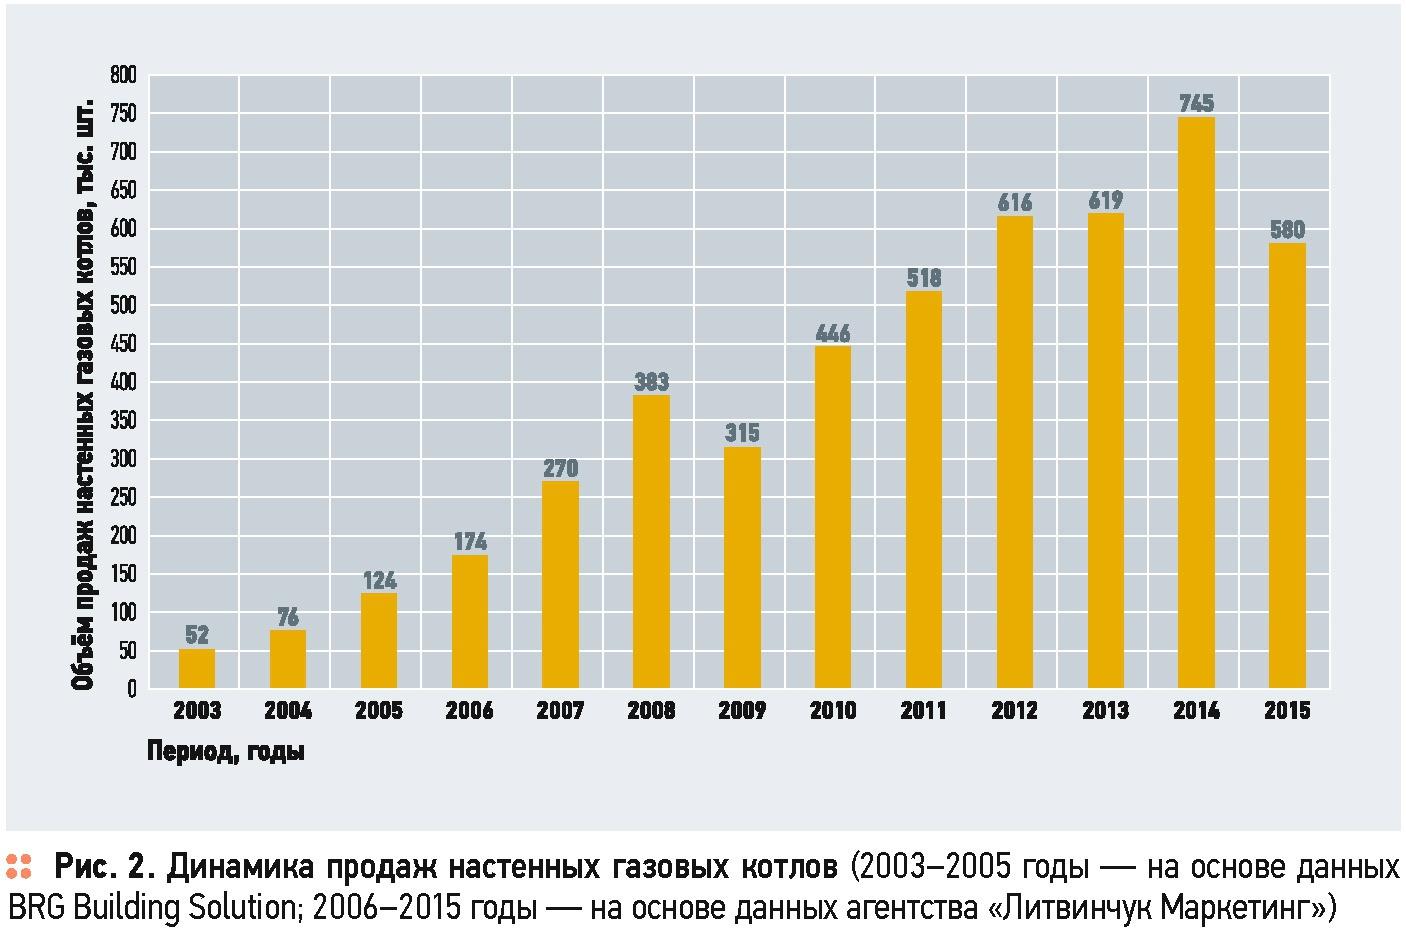 Рынок газового оборудования: метаморфозы и перспективы . 2/2017. Фото 2